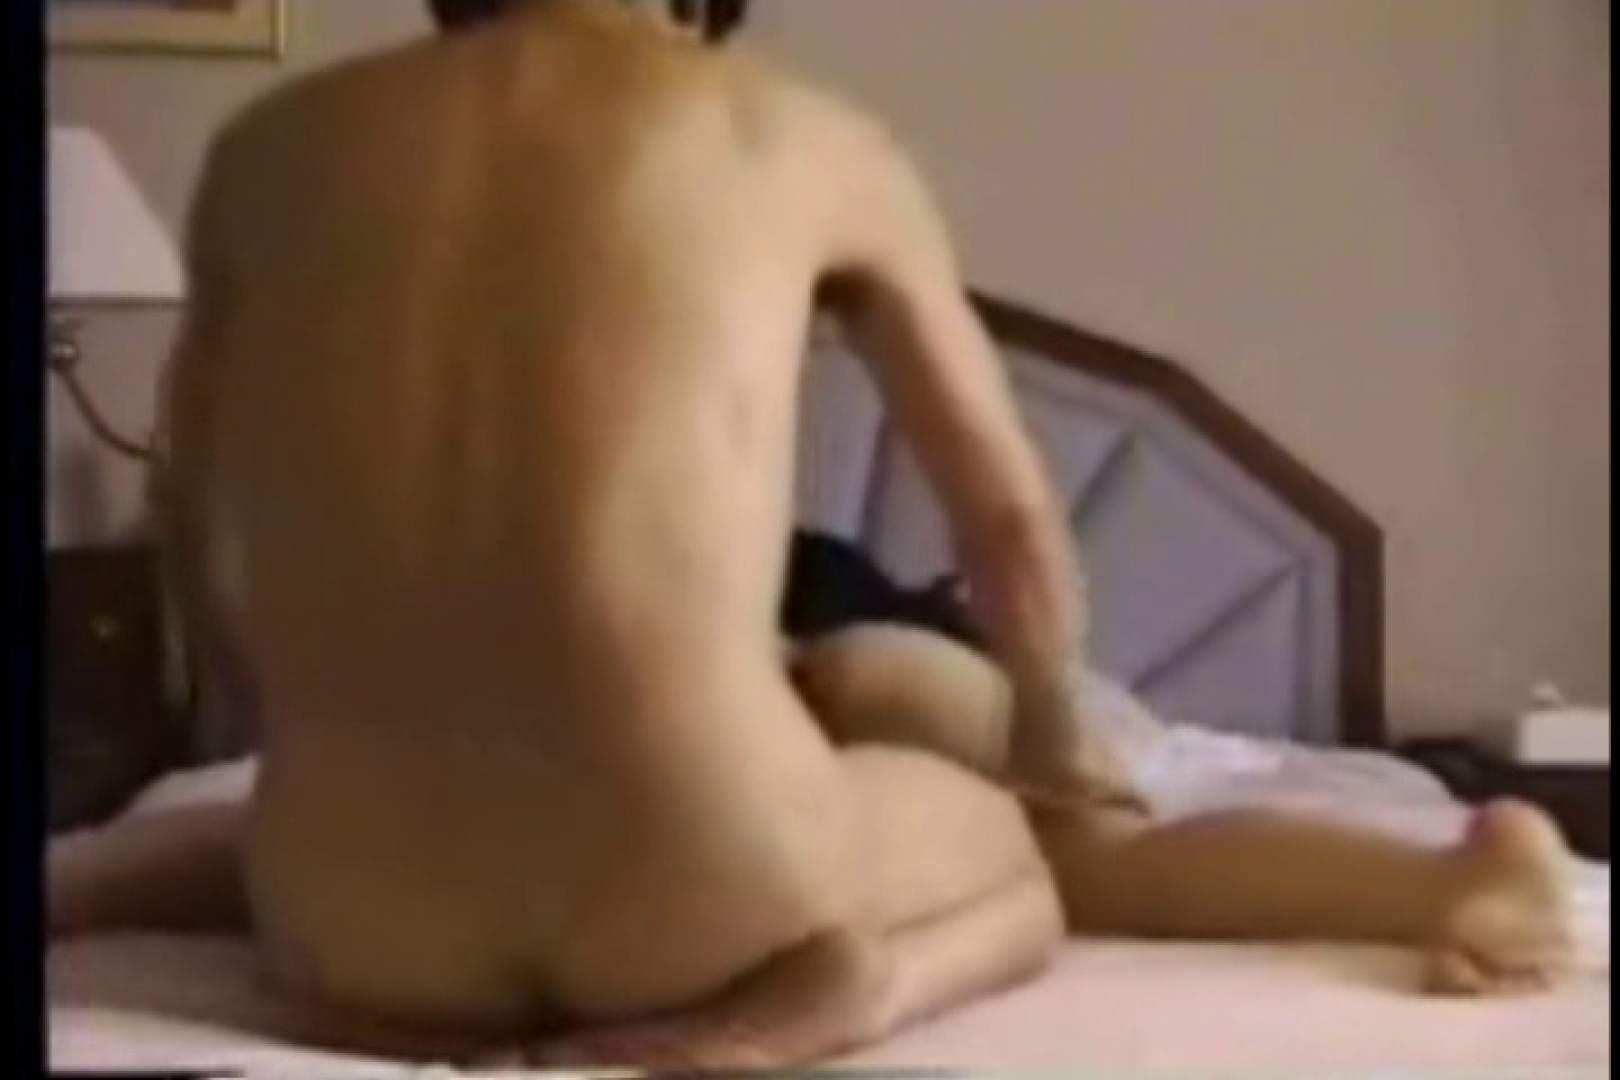 ホテルに抱かれに来る美熟女4 一般投稿 エロ画像 95pic 47